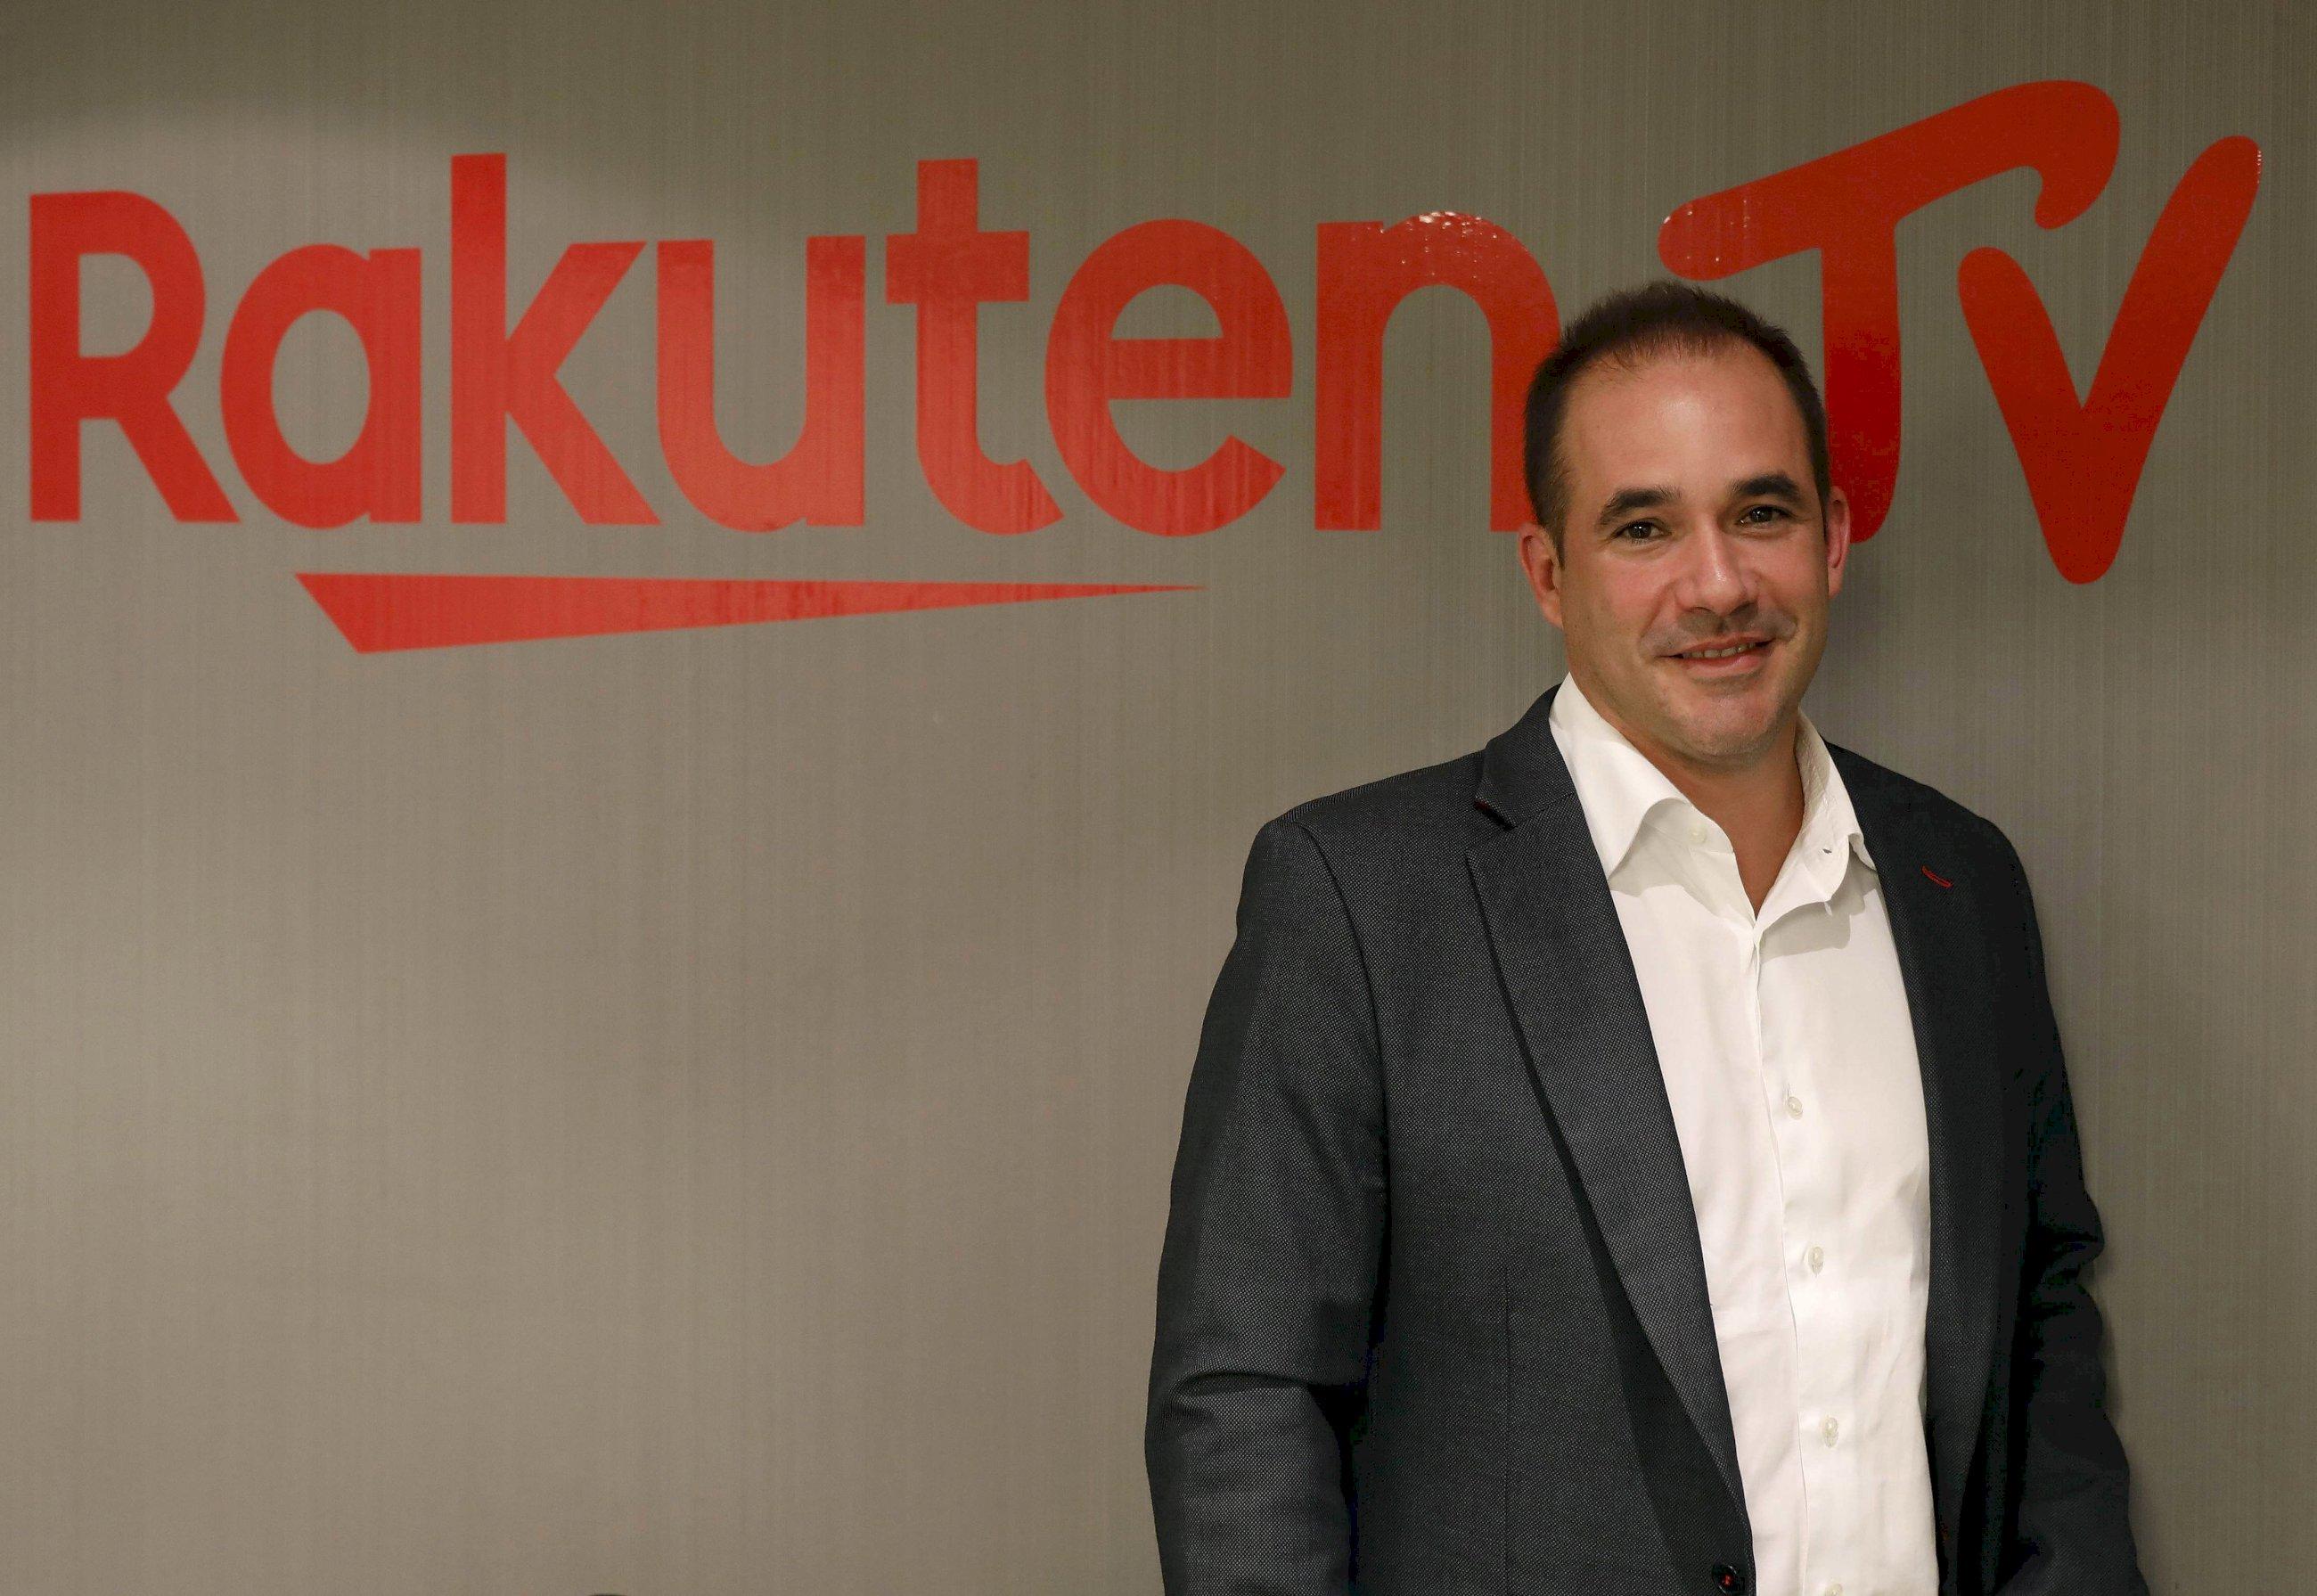 Rakuten en España: inyección récord de dinero para compensar pérdidas